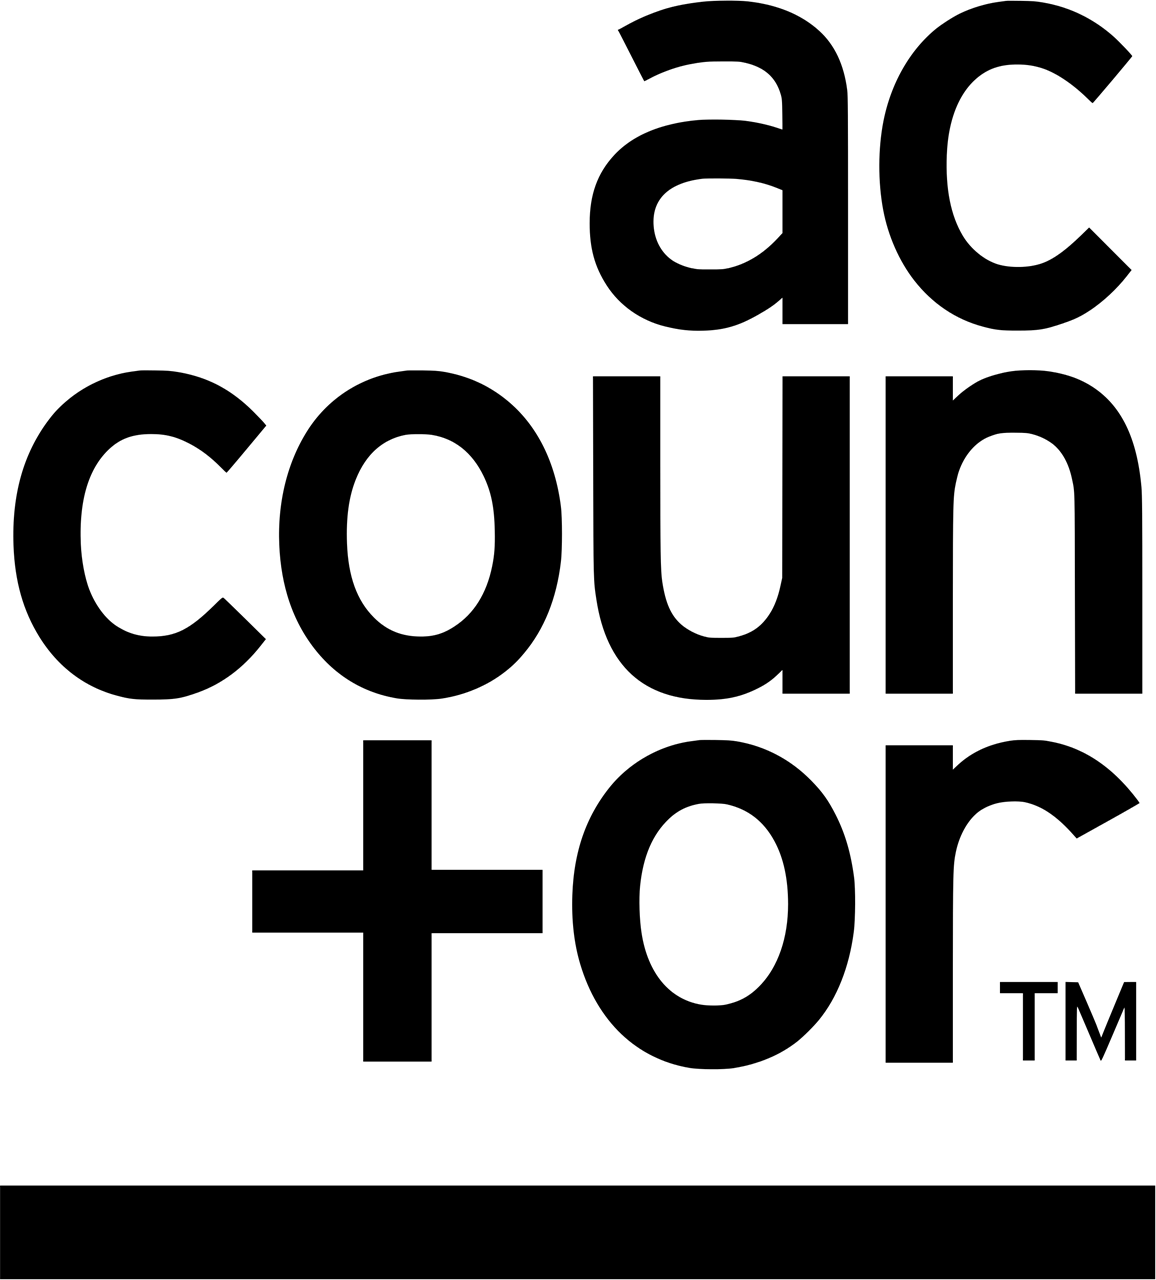 Accountor Sorkjosen